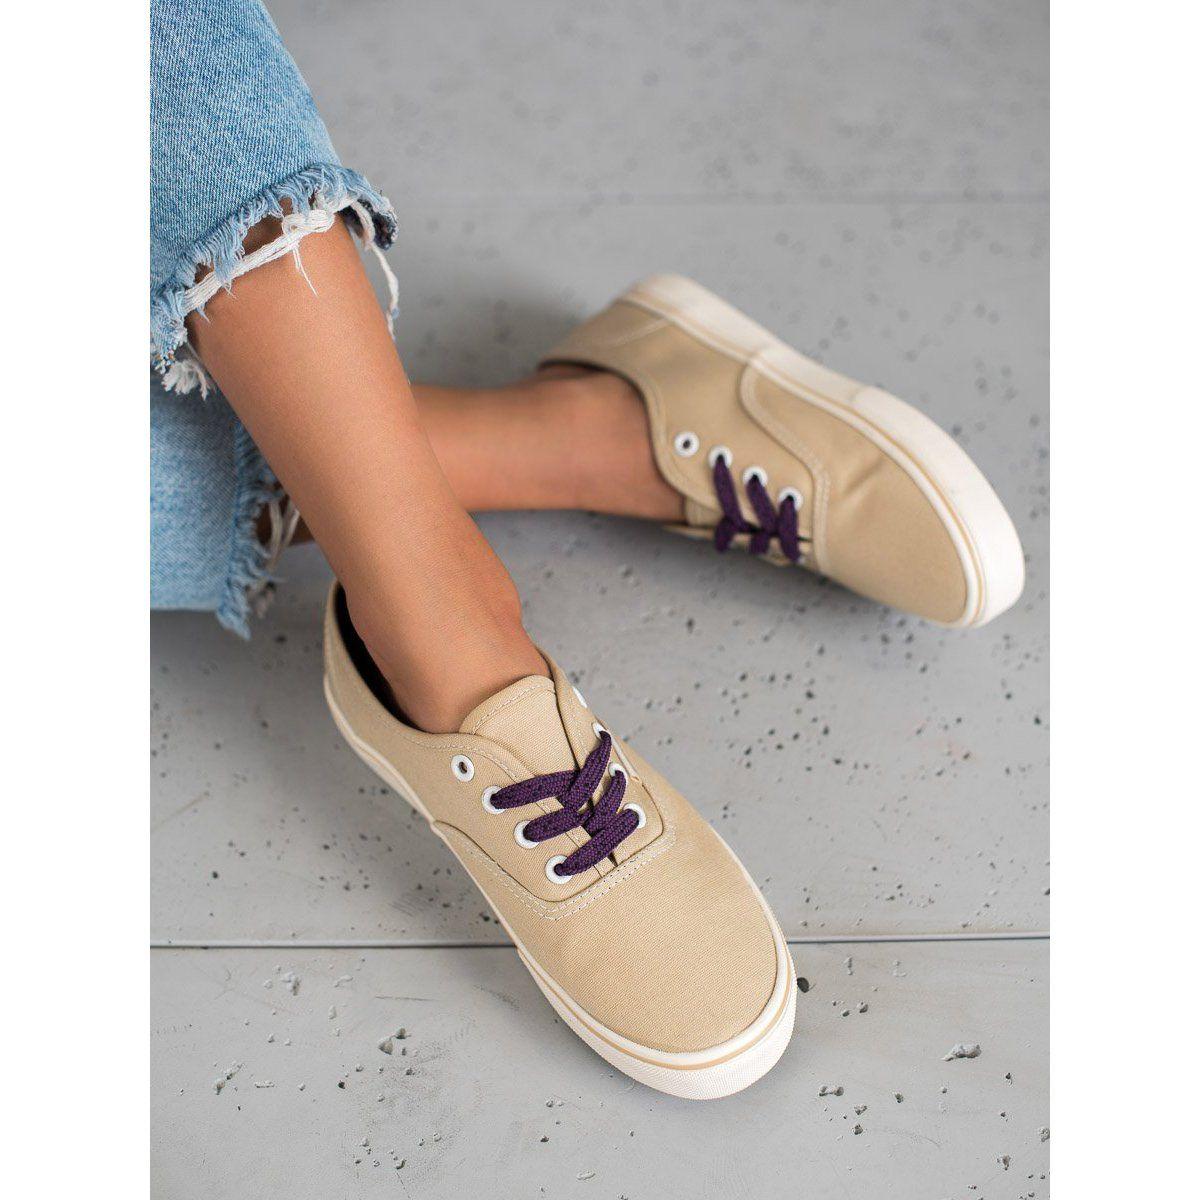 Shelovet Wygodne Tenisowki Brazowe Brown Sneakers Sneakers Womens Sneakers